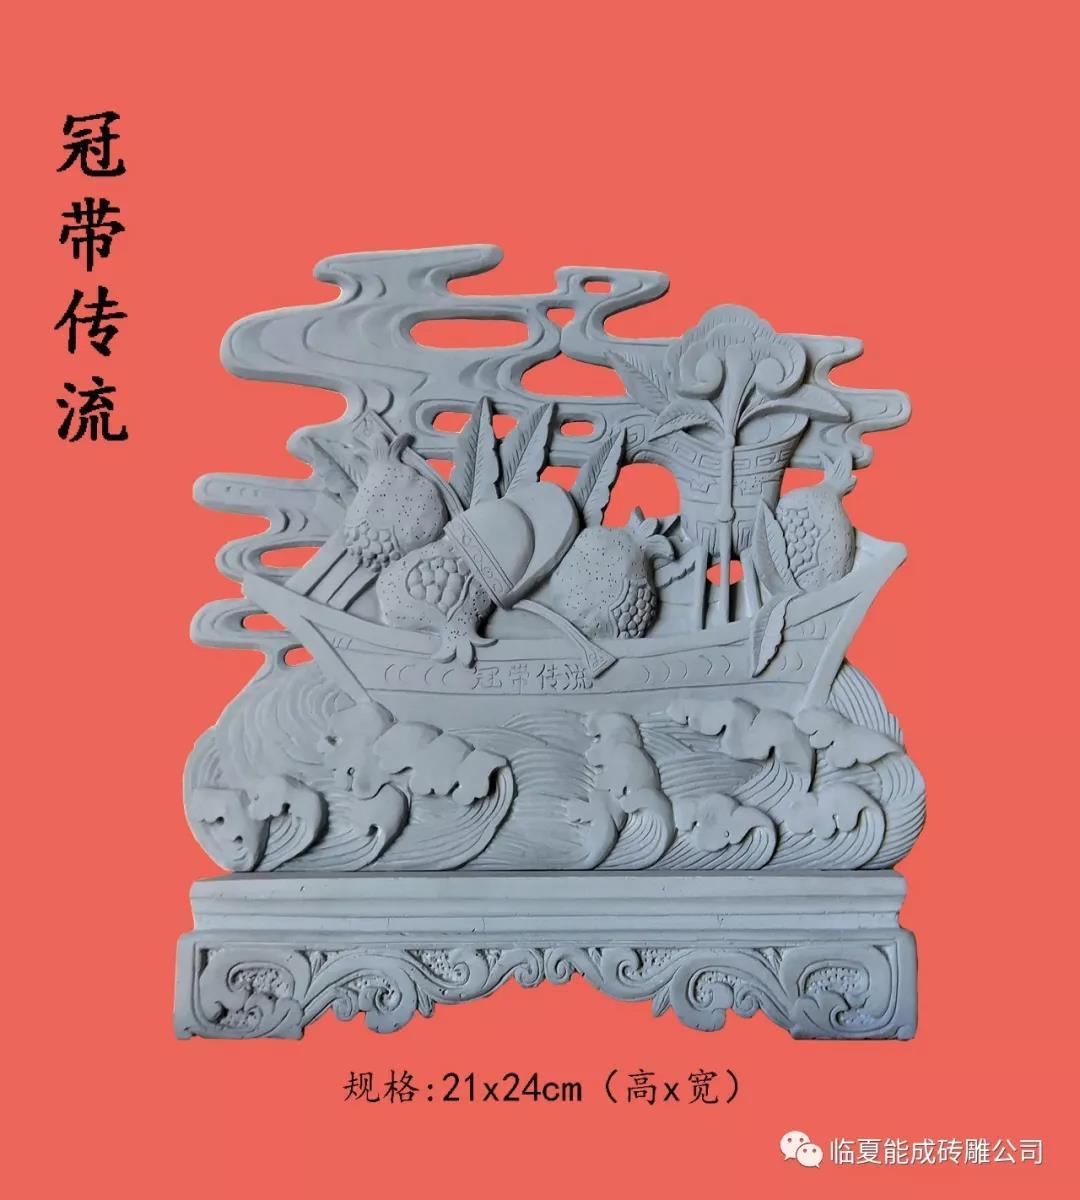 冠带传流砖雕工艺品